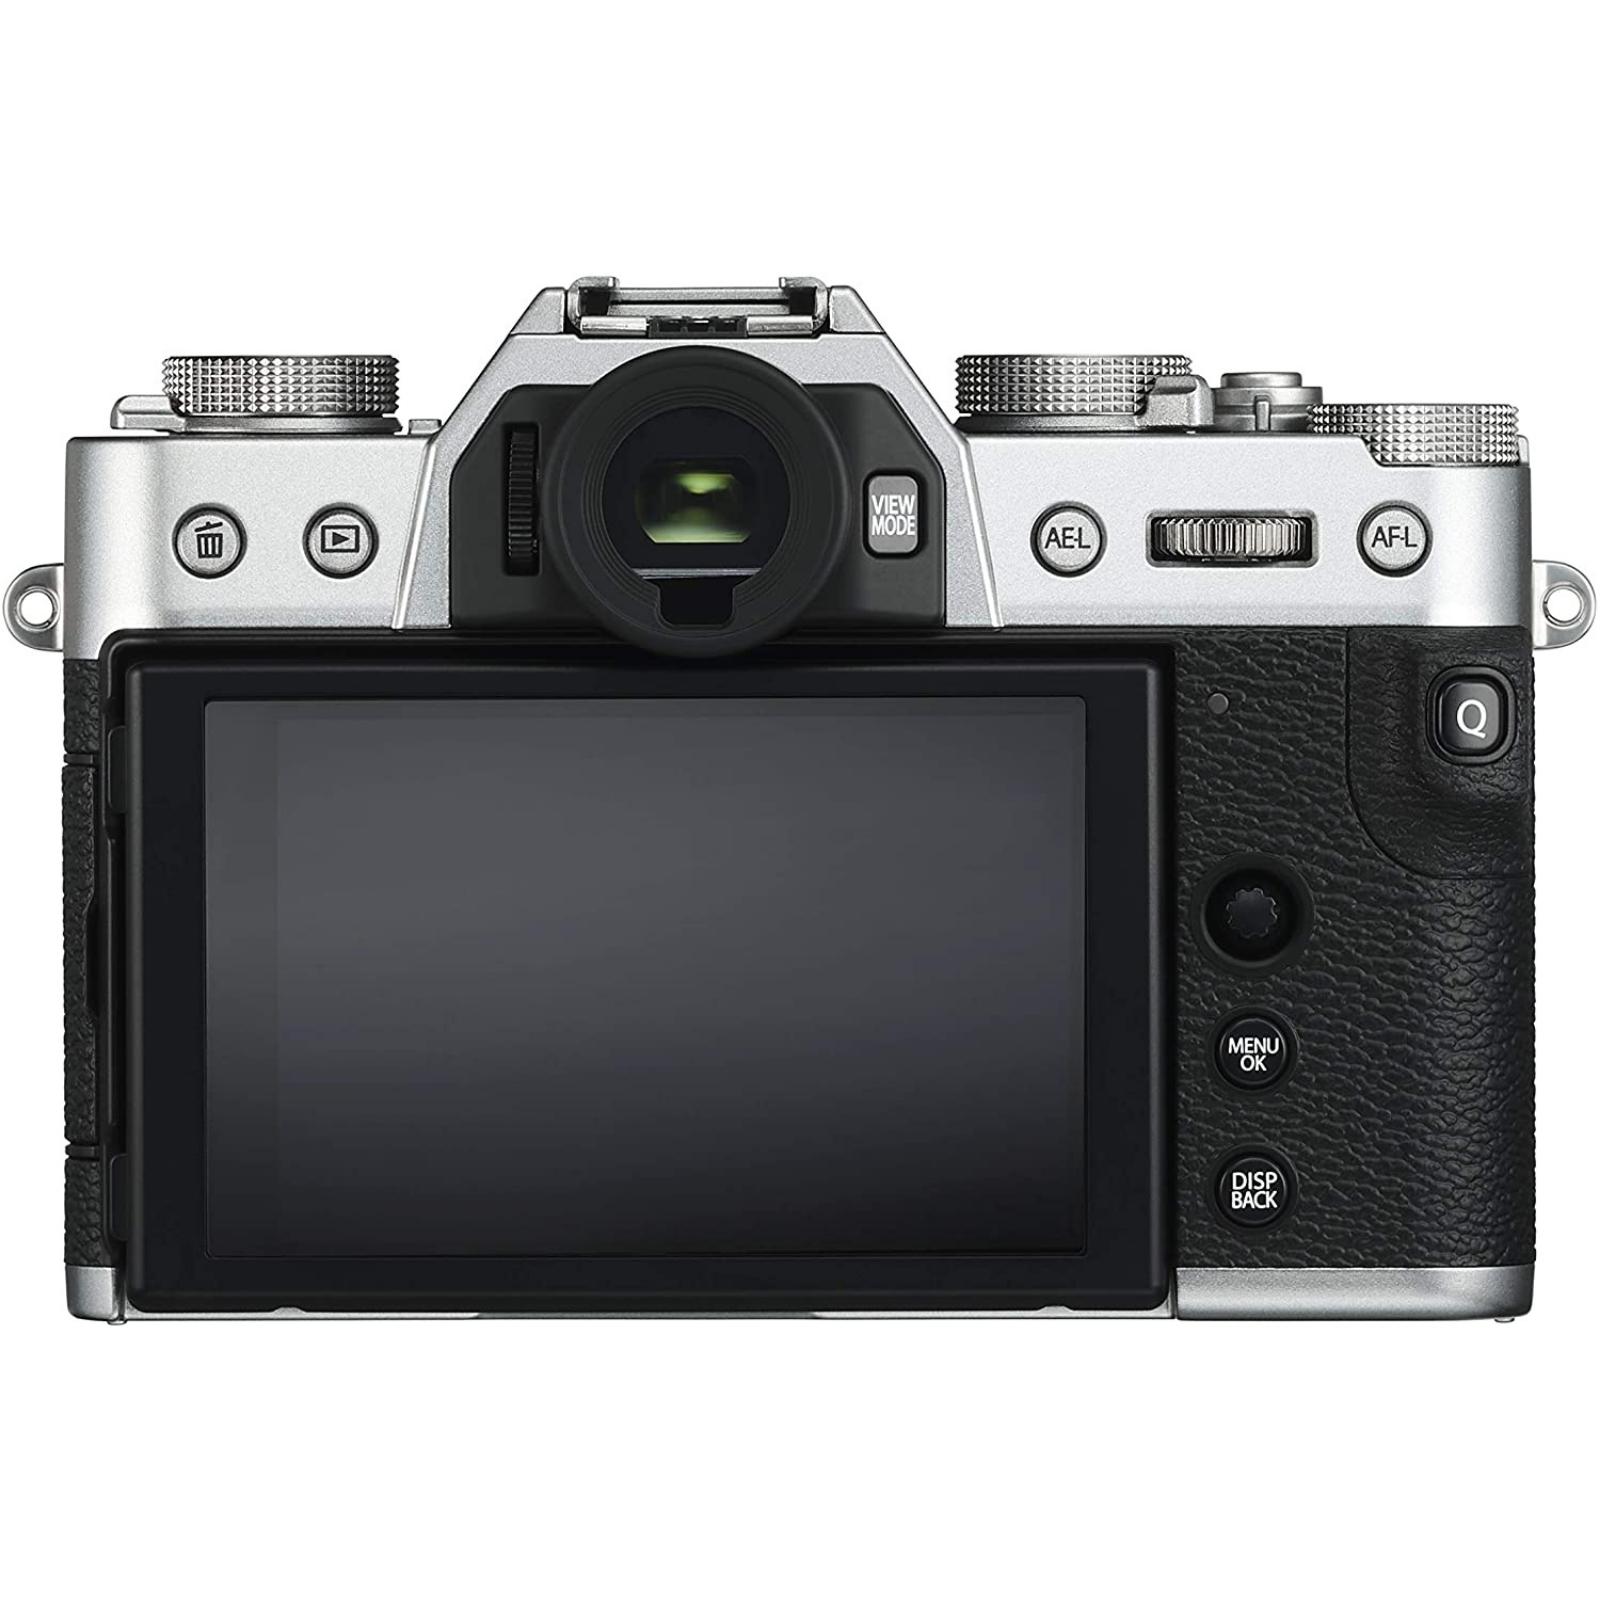 FUJIFILM 富士フィルム ミラーレス一眼カメラ X-T30 ボディ シルバー X-T30-S 新品